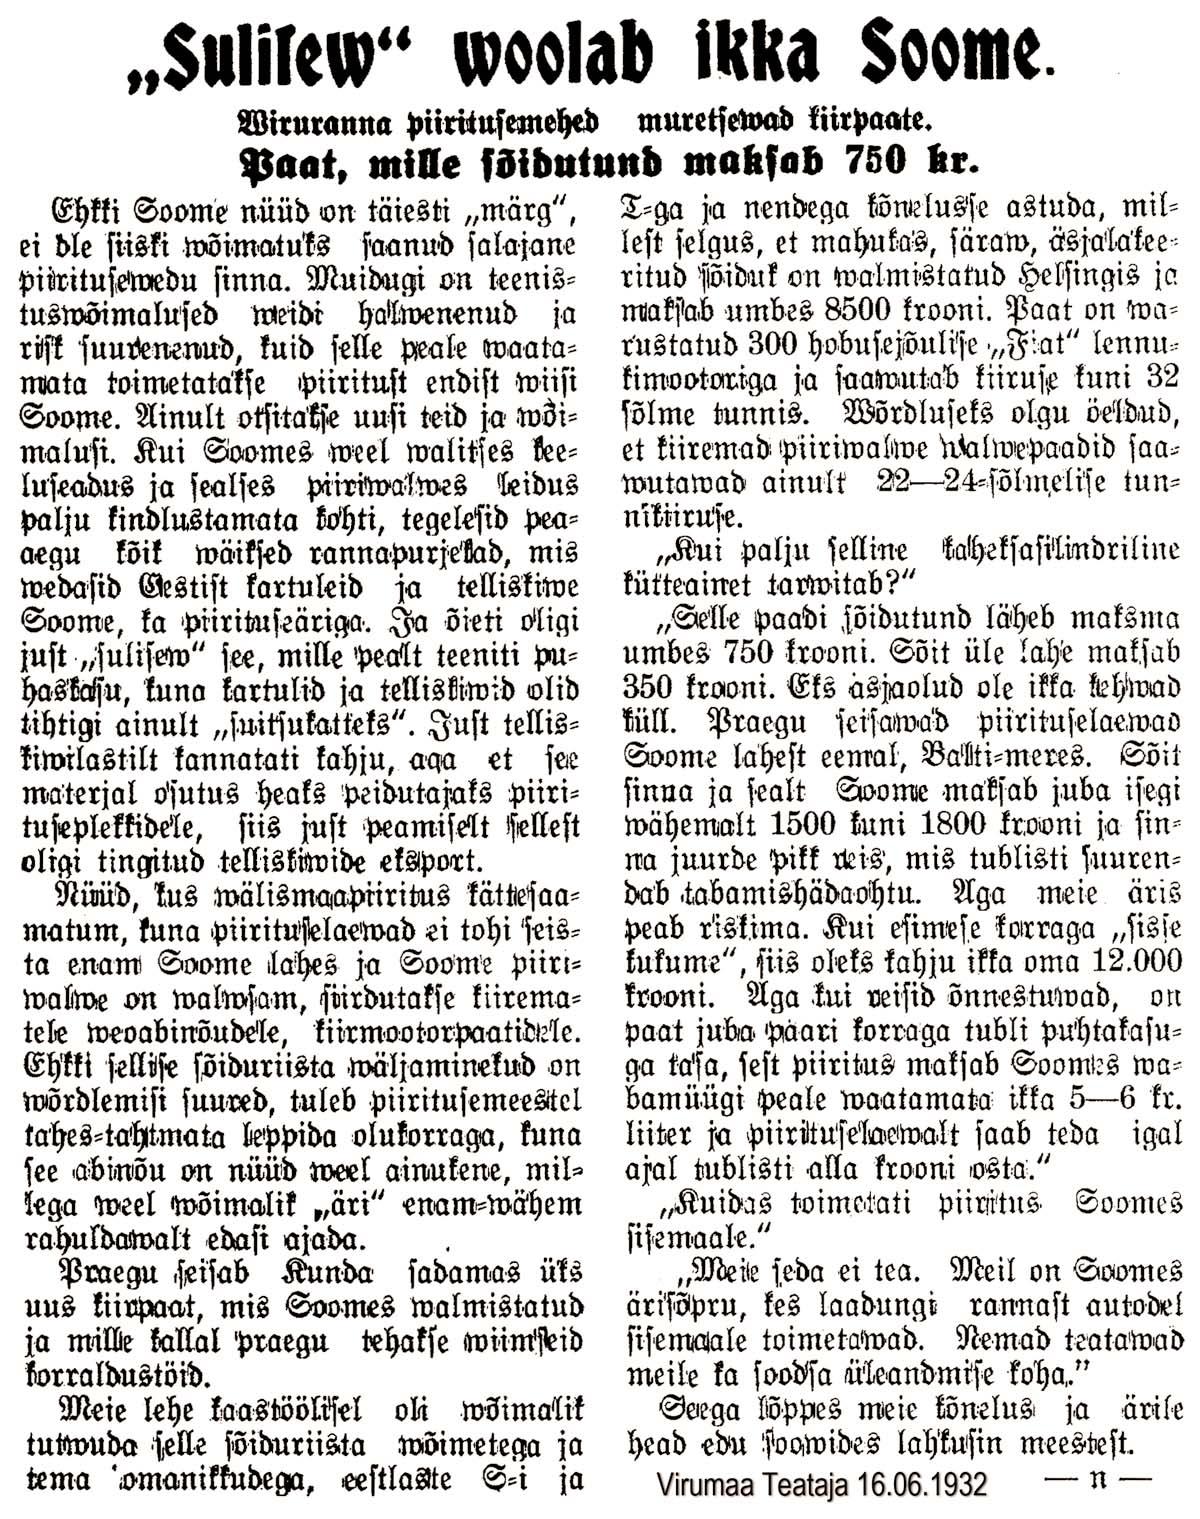 Soliseva virtaa yhä Suomeen – Virumaa Teataja 16.6.1932